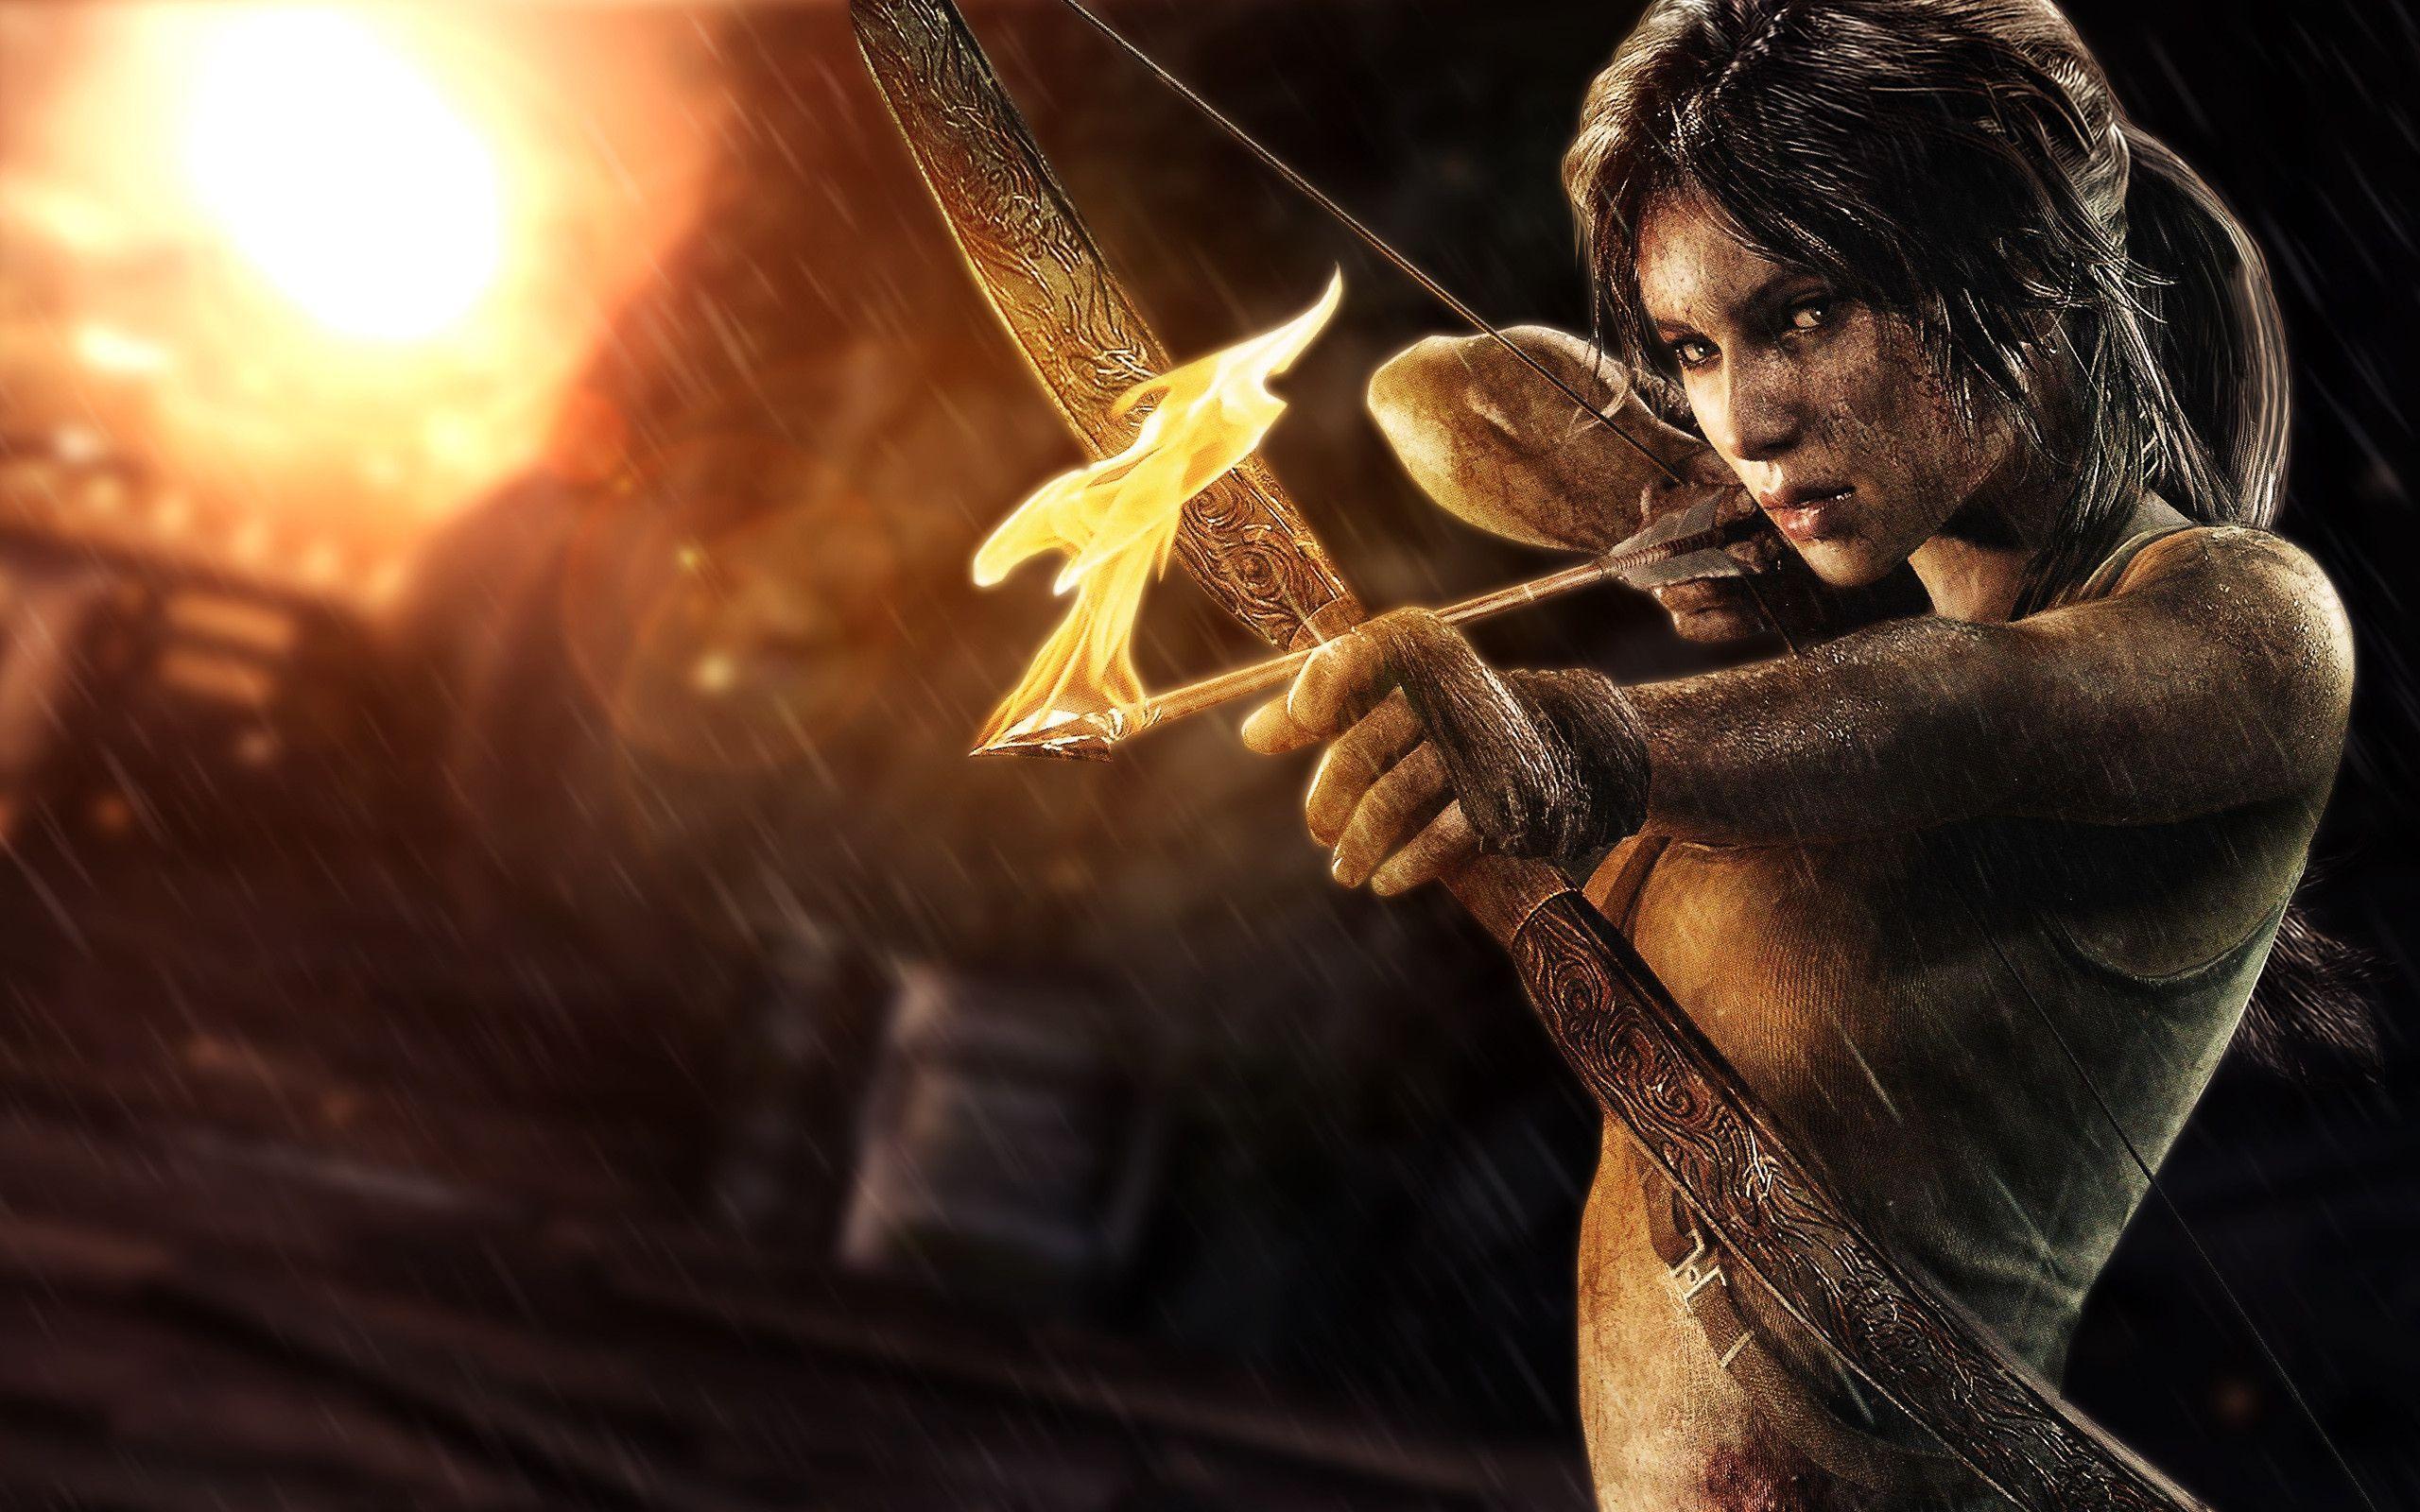 Tomb Raider 2013 Wallpaper Hd Lara Croft Wallpapers Wallpaper Cave